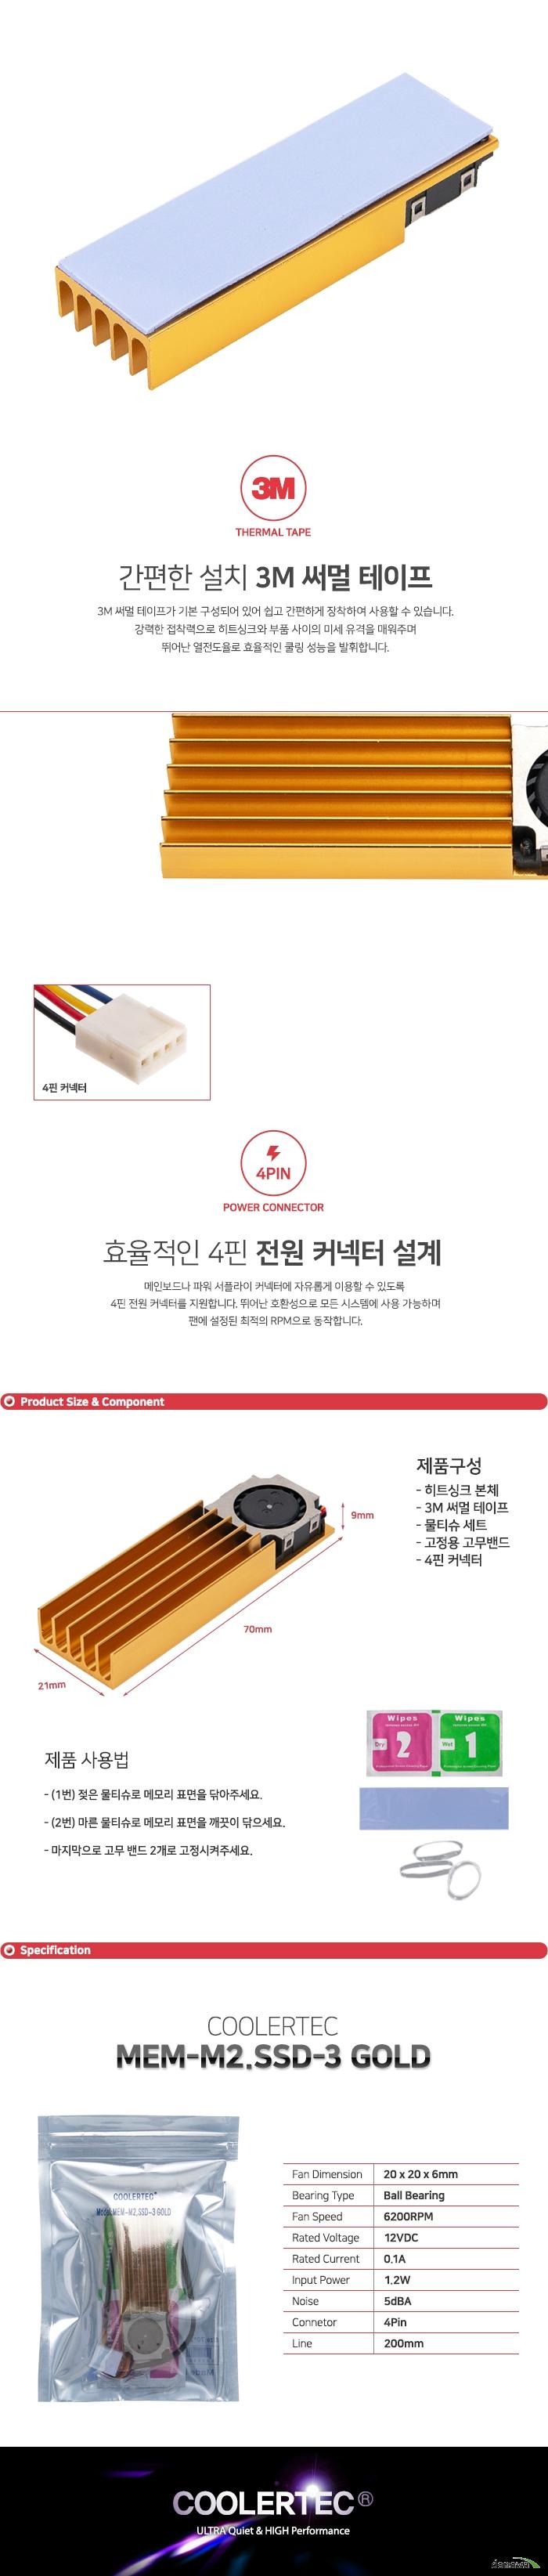 COOLERTEC MEM-M2 SSD-3 GOLD